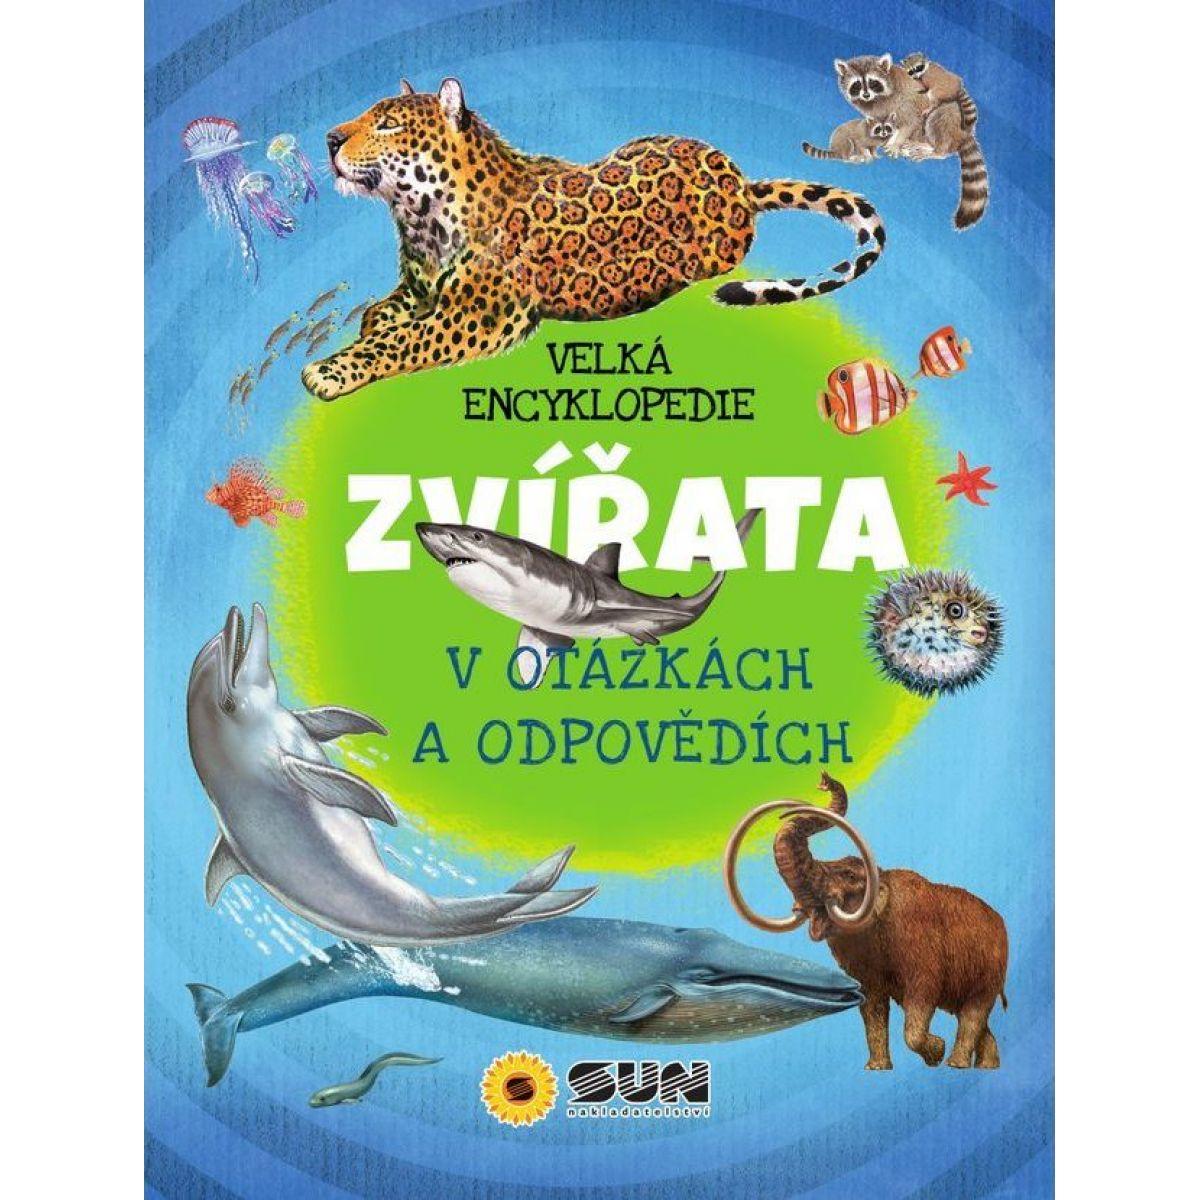 Sun Velká encyklopedie Zvířata v otázkách a odpovědích